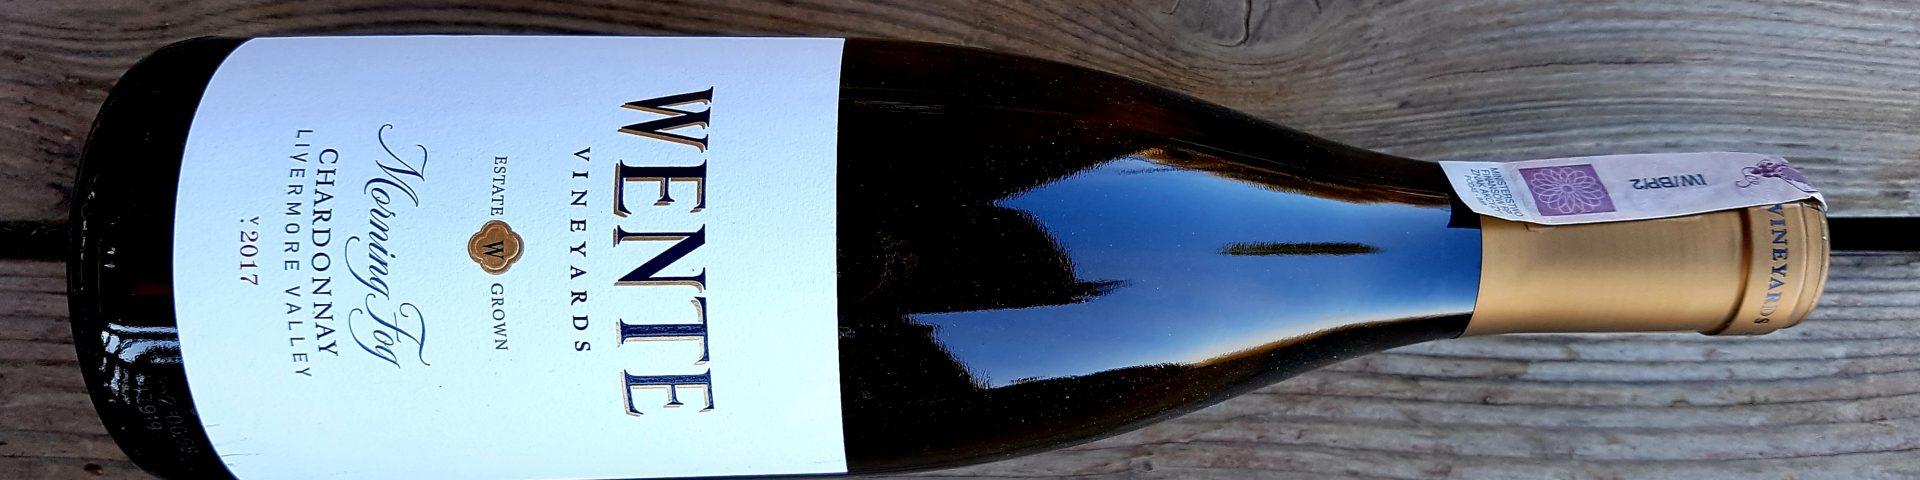 20200402 164640 1920x480 - Chardonnay, Morning Fog, Wente